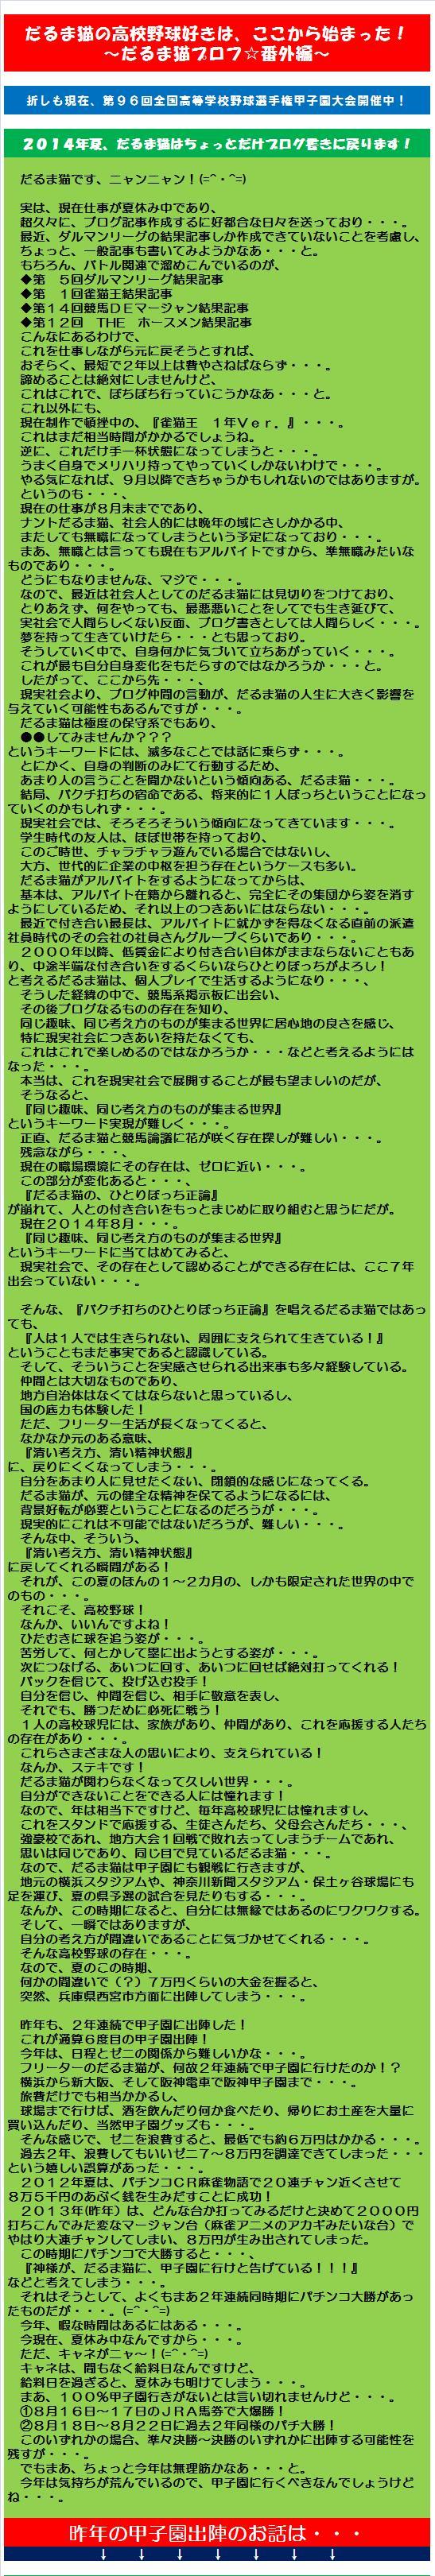 20140813・ブログ記事①.jpg